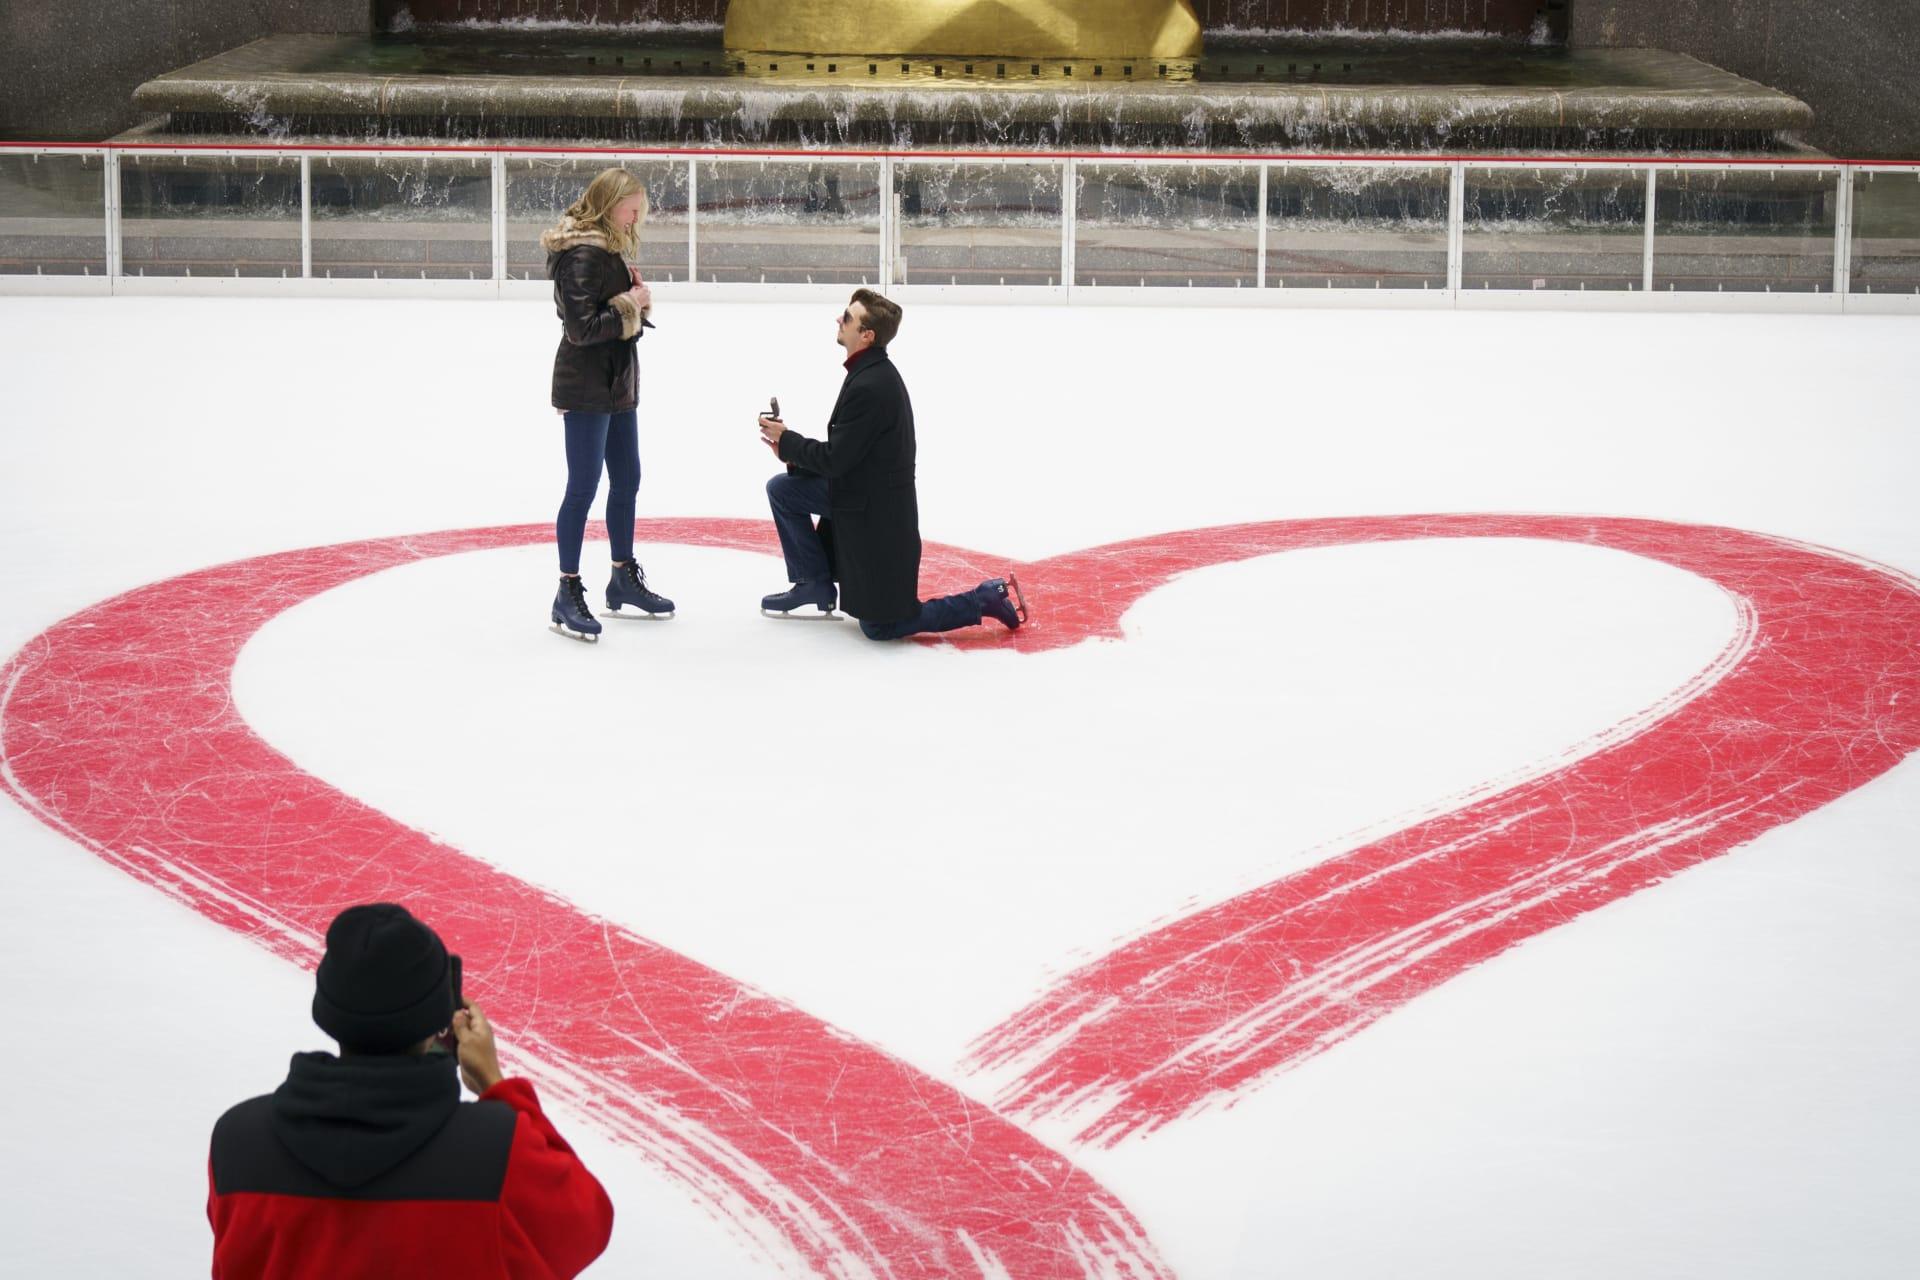 رجل يتقدم لفتاة في يوم عيد الحب في مركز للتزلج على الجليد في نيويورك